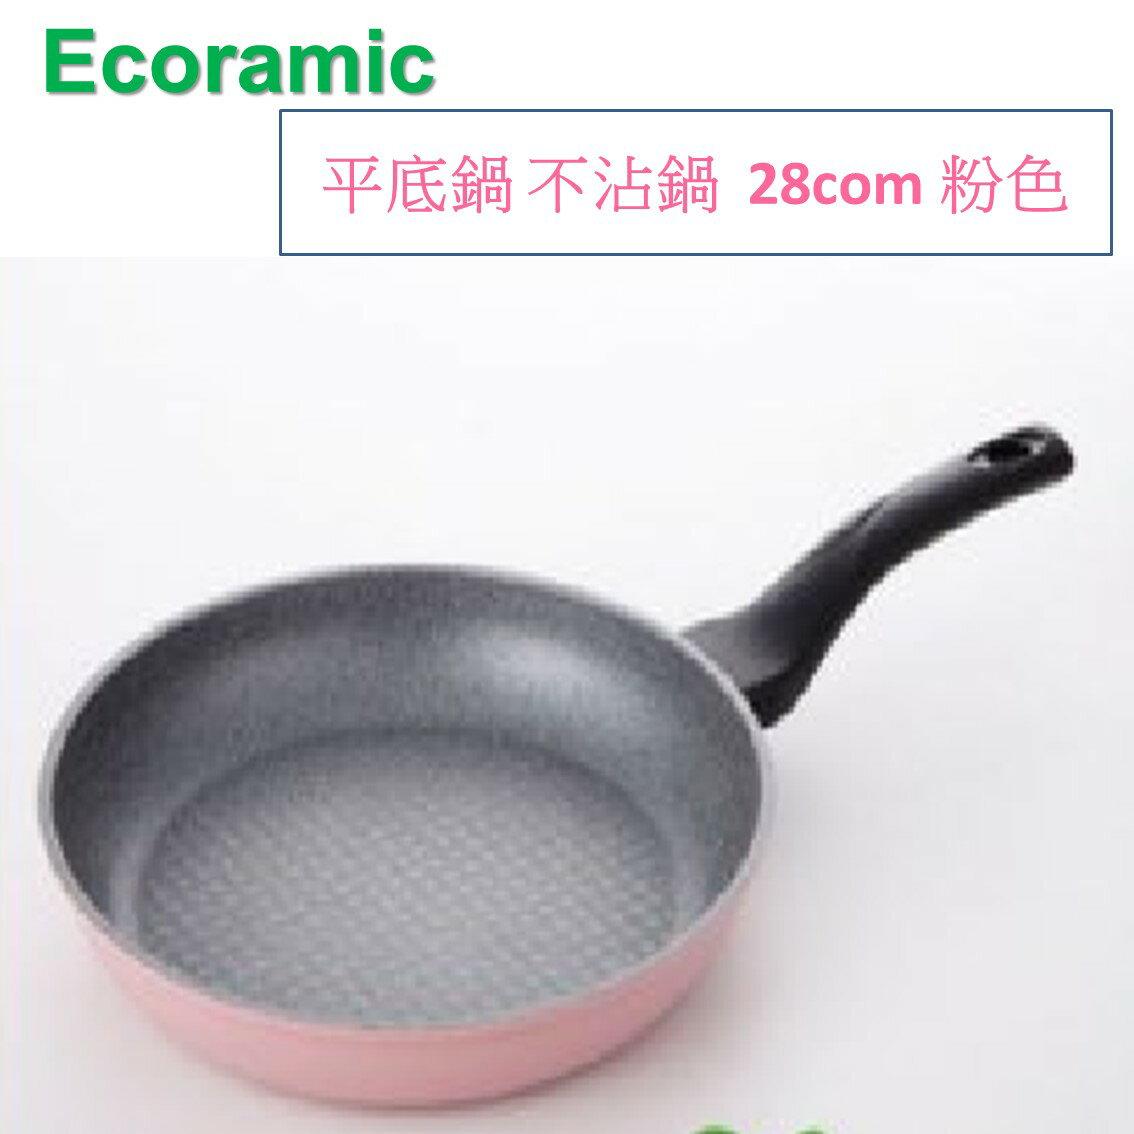 ↘$400【現貨】韓國Ecoramic鈦晶石頭抗菌不沾鍋 平底鍋28cm(無附鍋蓋)【樂活生活館】